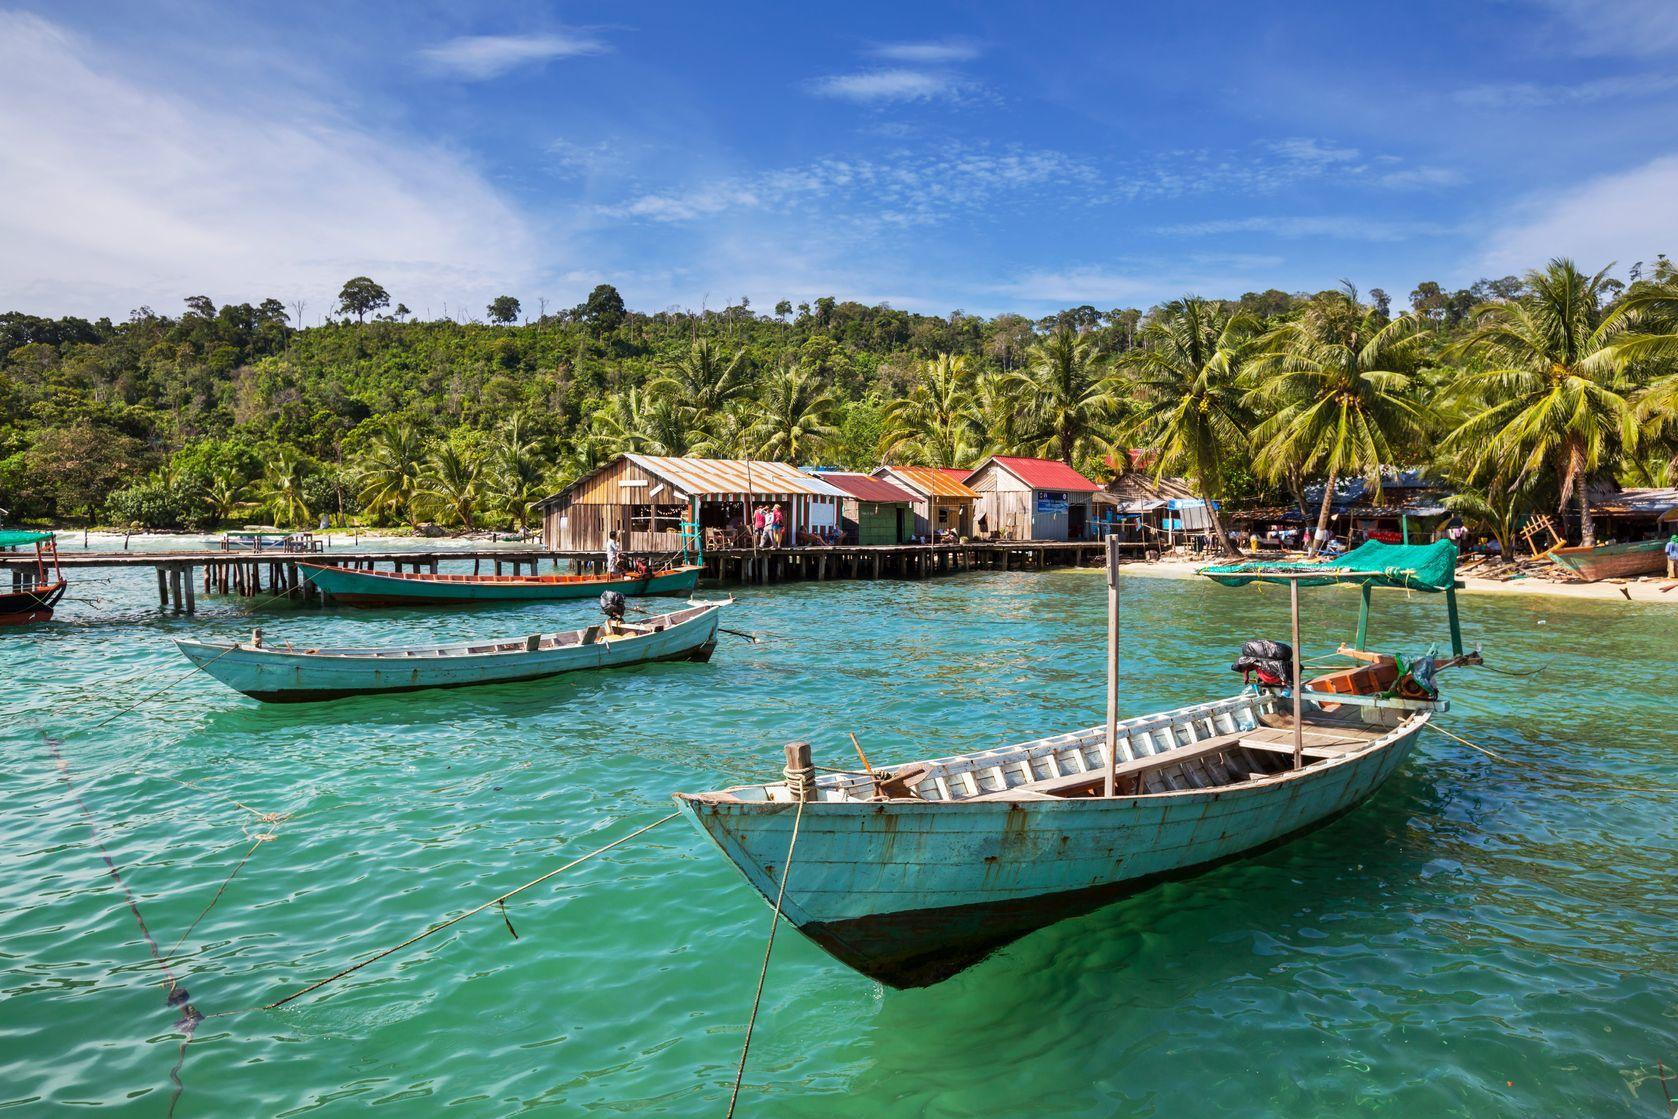 Rybářské lodě na pobřeží Kambodži | kamchatka/123RF.com